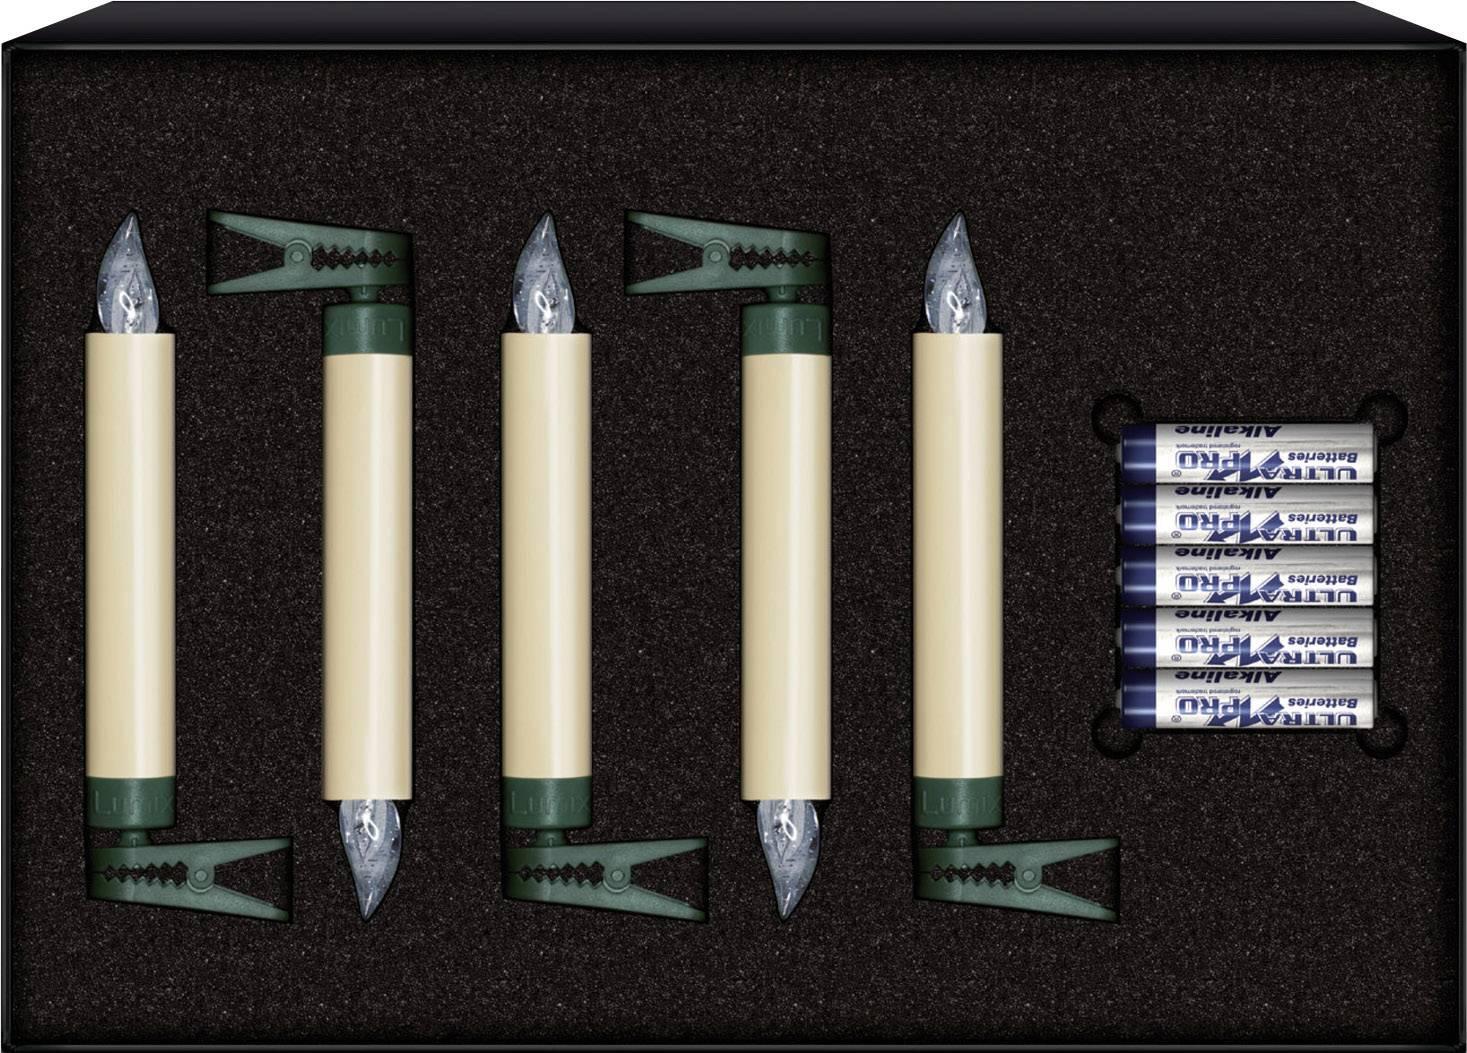 Bezdrôtové vianočné sviečky Krinner 74332 Lumix, 5 LED, teplá biela